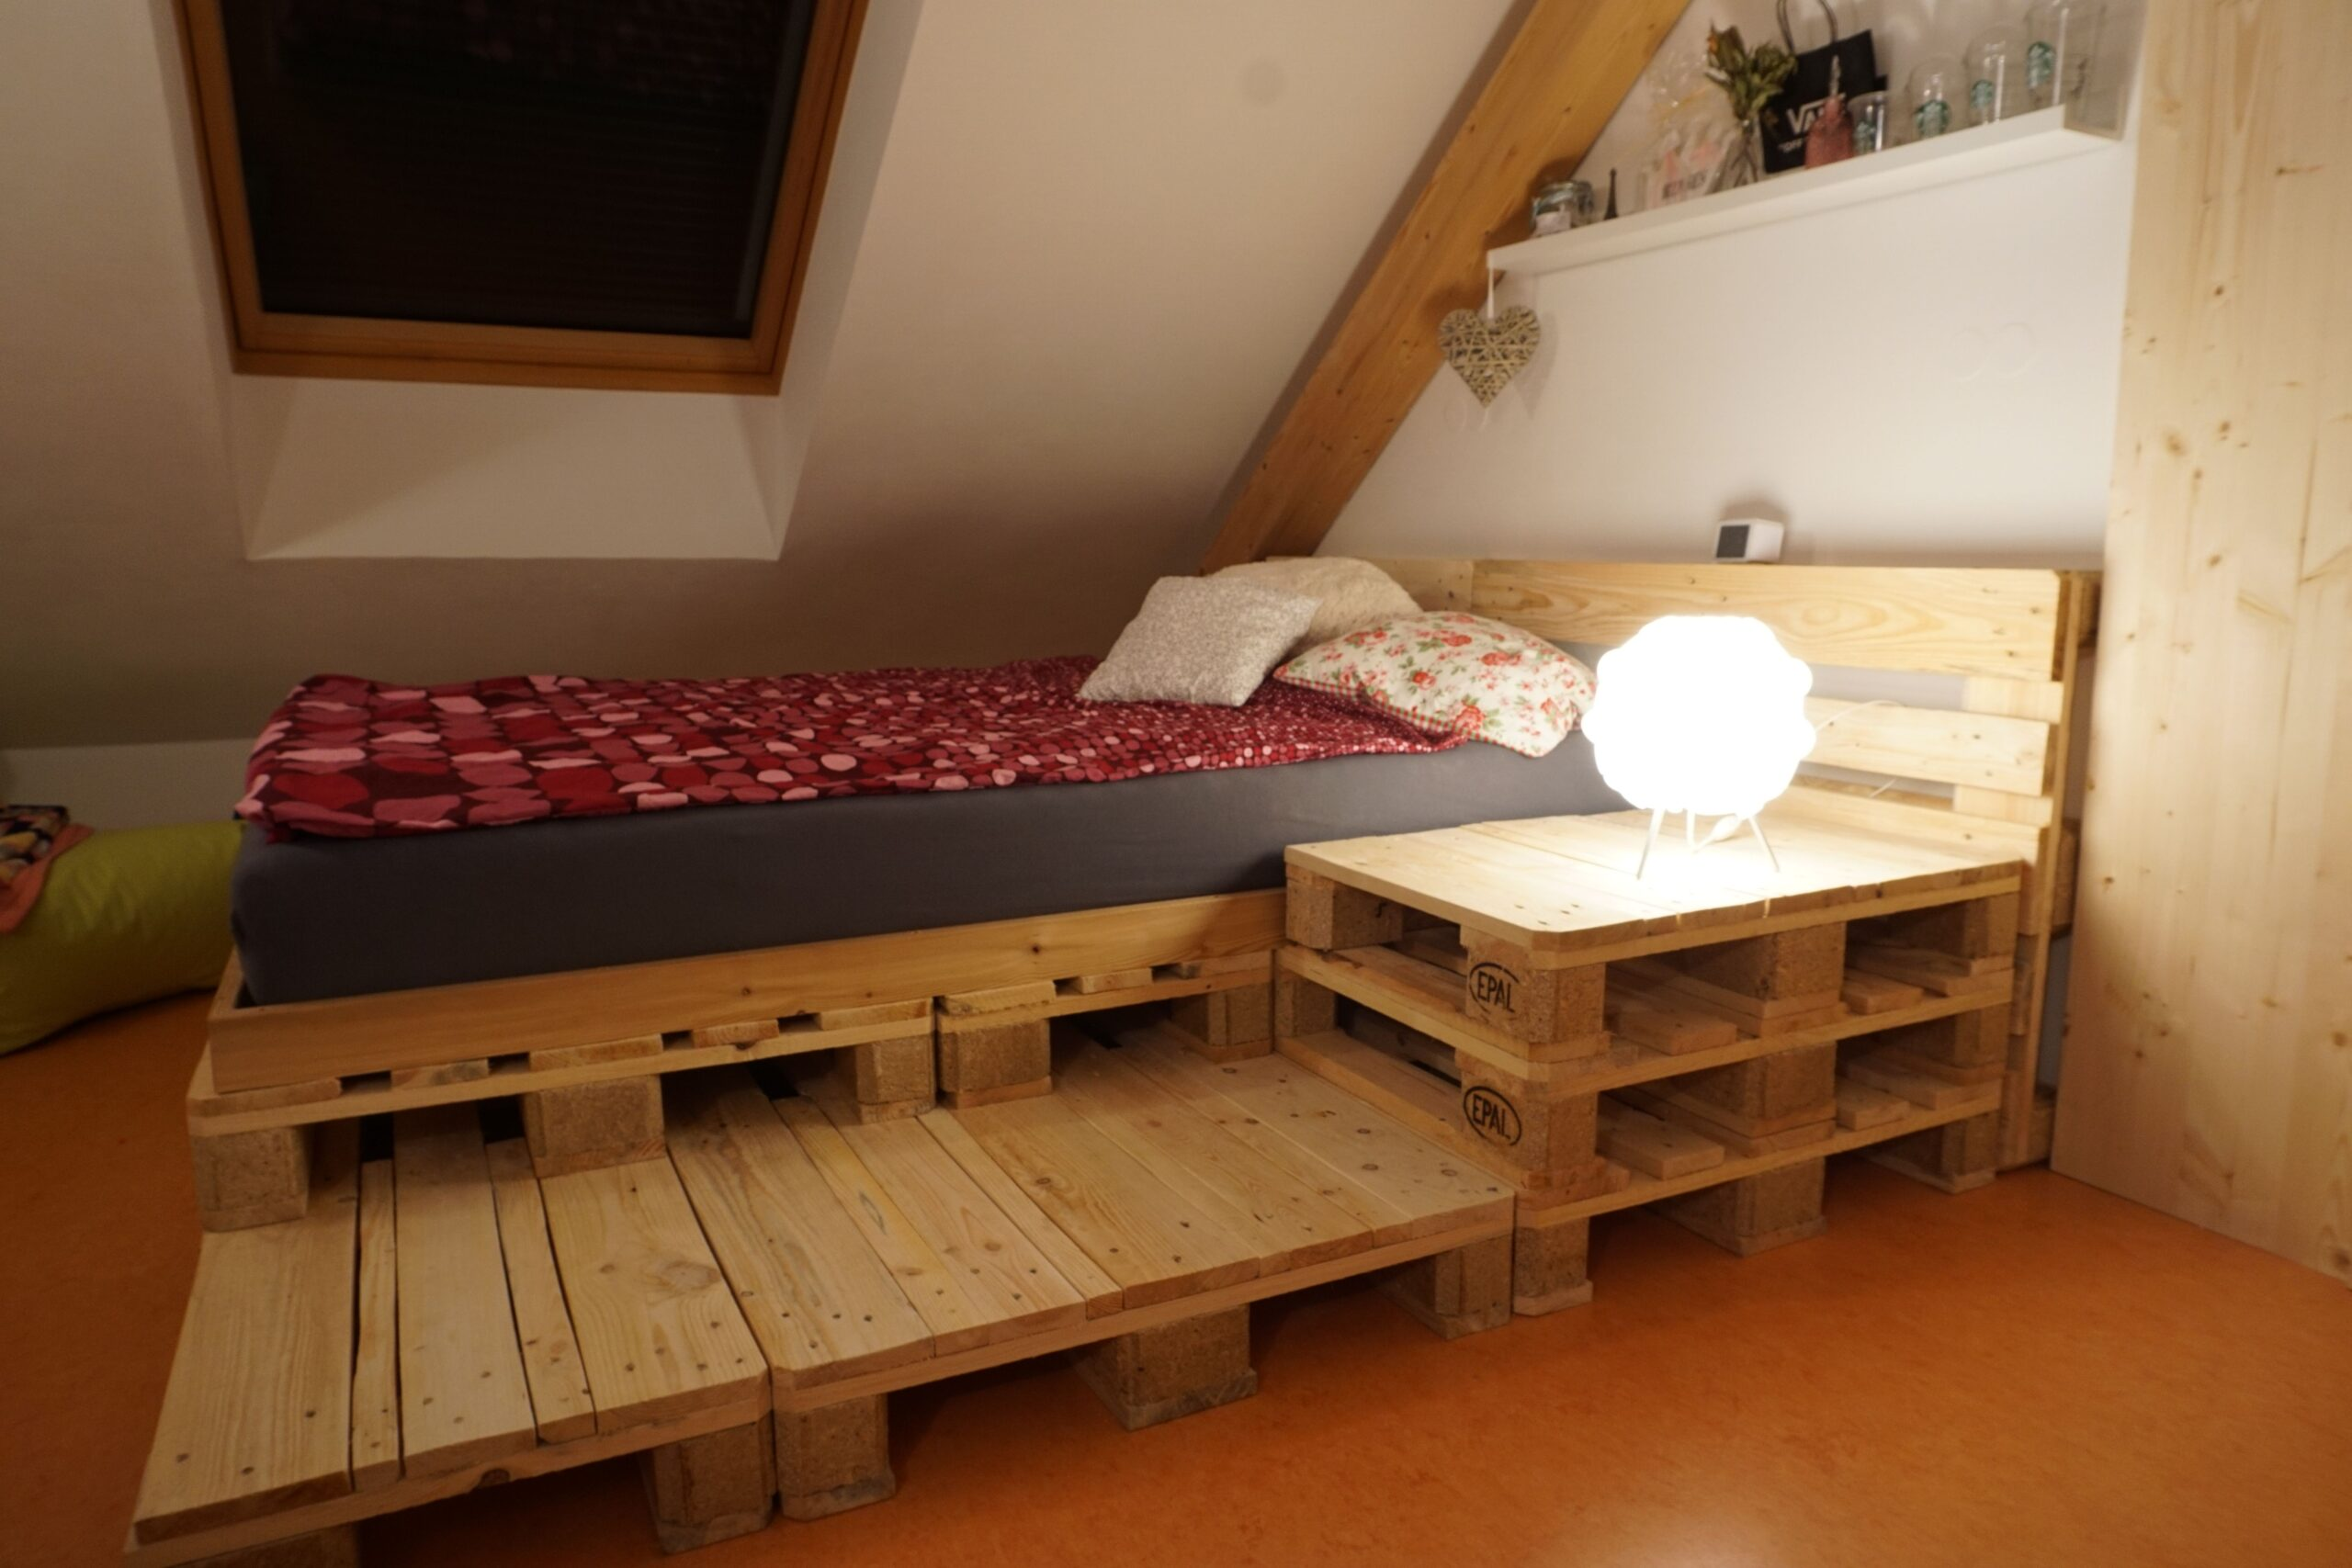 Full Size of Palettenbett Ikea Fr Ida Wohnung Küche Kaufen Miniküche Kosten Betten Bei Modulküche 160x200 Sofa Mit Schlaffunktion Wohnzimmer Palettenbett Ikea